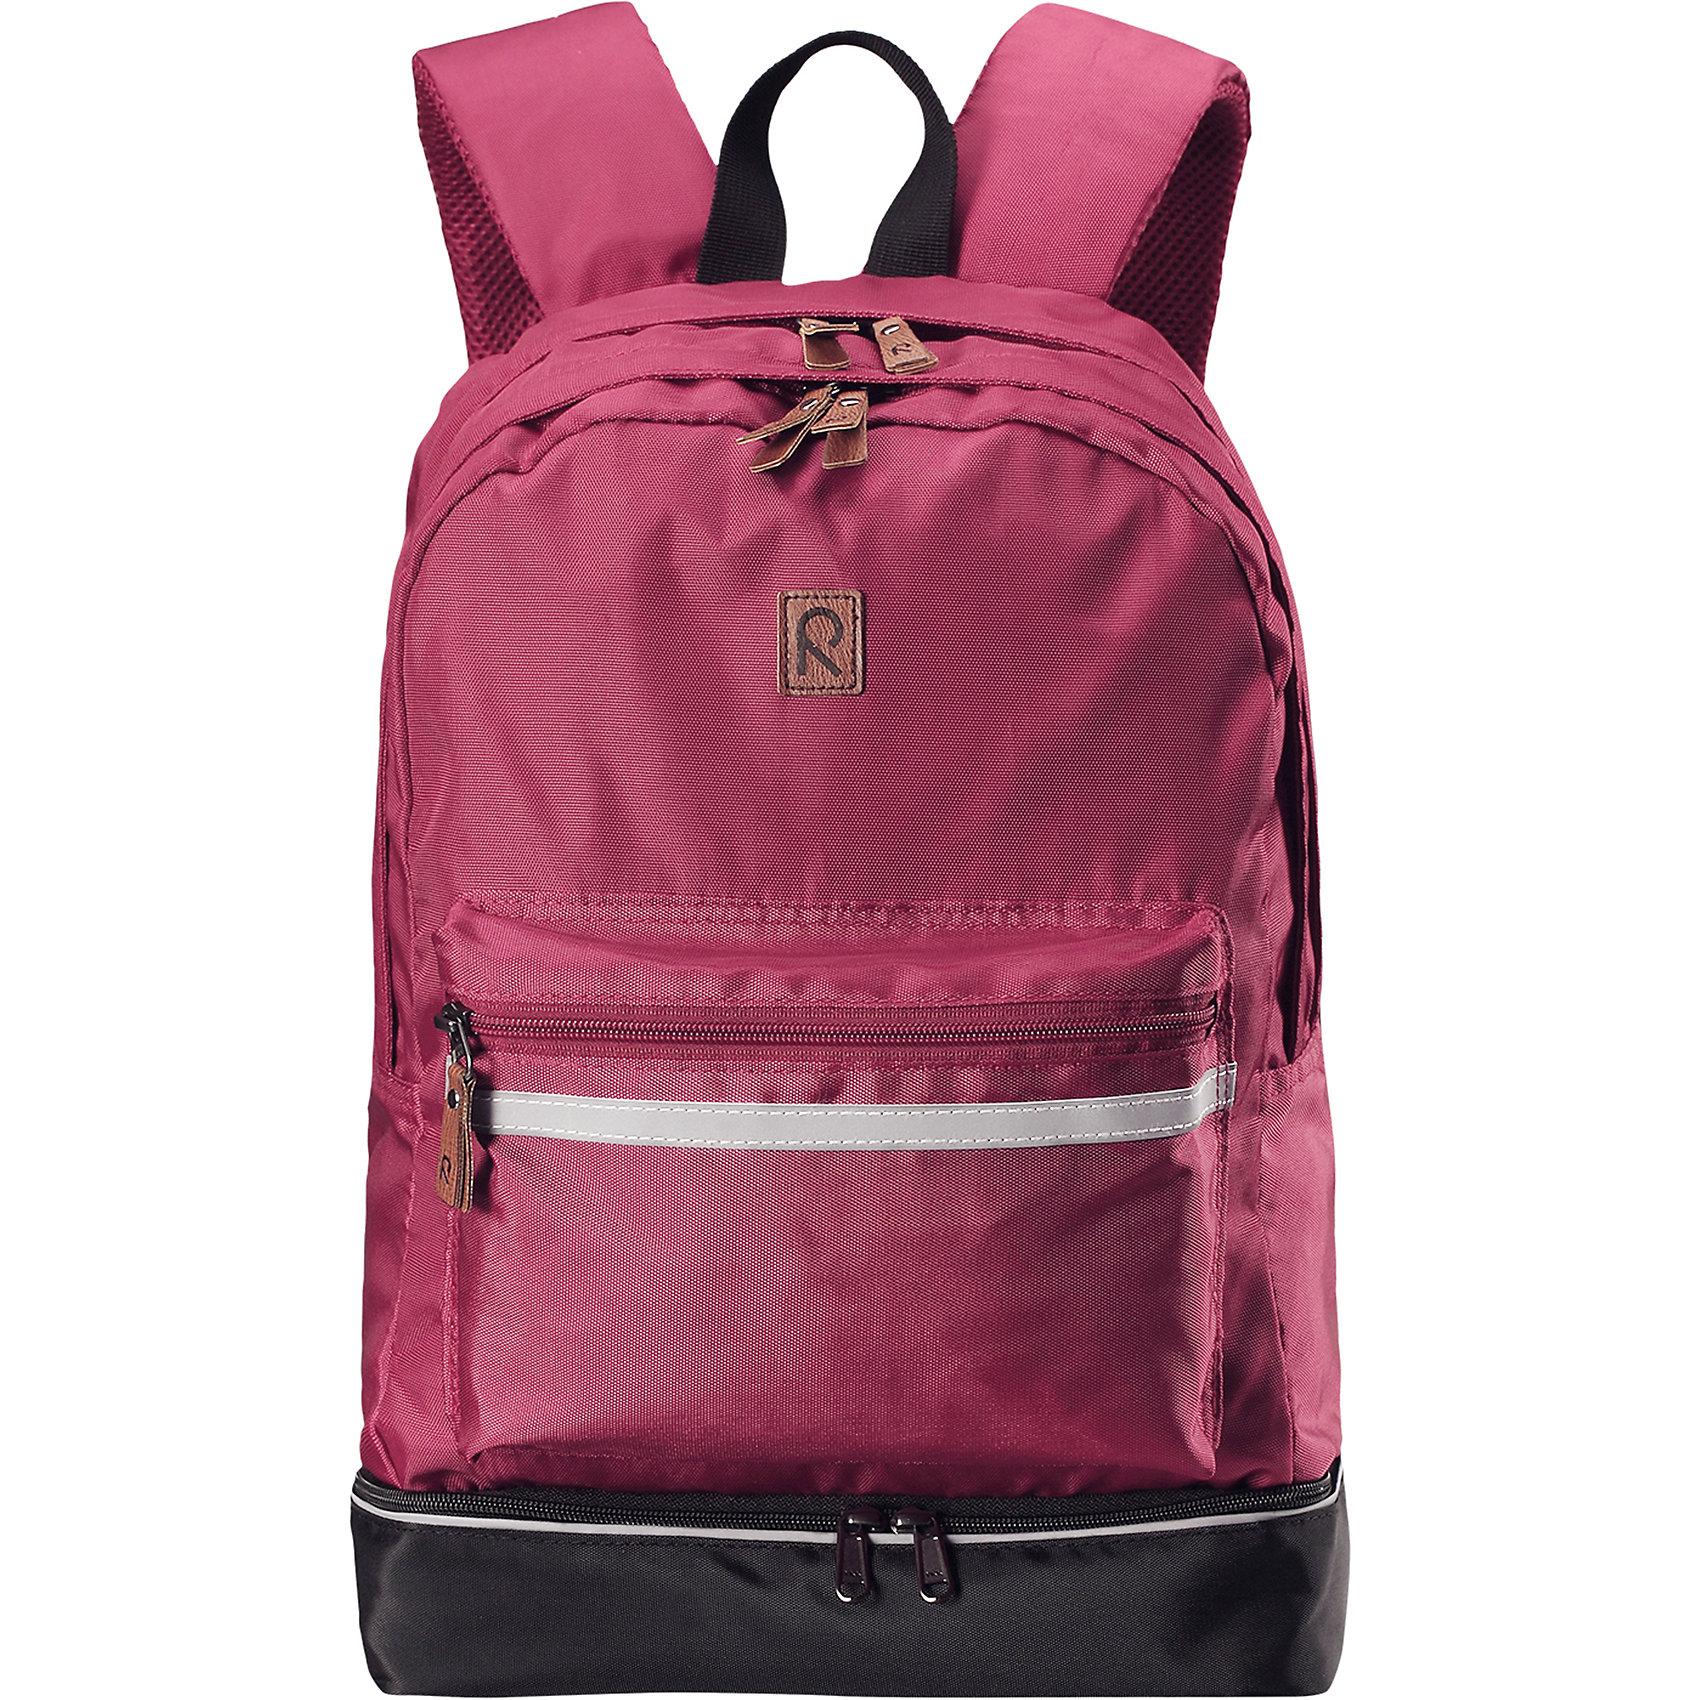 Рюкзак Reima LimitysСумки и рюкзаки<br>Характеристики товара:<br><br>• цвет: розовый;<br>• материал: 100% полиэстер; <br>• объем: 12 л;<br>• застежка: молния;<br>• удобные стеганые задние панели способствуют дополнительной амортизации;<br>• напечатанная табличка для имени;<br>• съемная нагрудная лямка для распределения веса;<br>• регулируемые лямки;<br>• водонепроницаемое дно;<br>• карман для ноутбука;<br>• отстегивающийся брелок внутри;<br>• можно стирать при температуре 30С;<br>• размер: 28х14,5х41 см;<br>• светоотражающие детали;<br>• страна бренда: Финляндия;<br>• страна изготовитель: Китай;<br><br>Рюкзак с множеством практичных деталей для детей и подростков. За счет эргономичной конструкции, удобной мягкой спинке и мягким вставкам, его удобно нести, даже когда он тяжелый. Мягкие регулируемые лямки с нагрудными застежками отлично поддерживают вес и обеспечивают ребенку дополнительный комфорт. <br><br>В рюкзаке имеется специальный мягкий карман для ноутбука или планшета. В нем также предусмотрено отдельное непромокаемое отделение снизу, в котором, например, удобно носить сменную обувь. Основное отделение закрывается на молнию, а спереди есть еще один карман на молнии. Светоотражающие детали – обязательно! <br><br>Рюкзак сшит из материала, не содержащего ПВХ, кроме того, его можно стирать в стиральной машине. Размеры рюкзака: 28 см x 14,5 см x 41 см. На внутренней бирке предусмотрено место для имени ребенка. Рюкзак снабжен специальным ярлыком для имени ребенка и множеством светоотражающих деталей.<br><br>Рюкзак Limitys Reima (Рейма) можно купить в нашем интернет-магазине.<br><br>Ширина мм: 227<br>Глубина мм: 11<br>Высота мм: 226<br>Вес г: 350<br>Цвет: розовый<br>Возраст от месяцев: 48<br>Возраст до месяцев: 168<br>Пол: Унисекс<br>Возраст: Детский<br>Размер: one size<br>SKU: 6905308